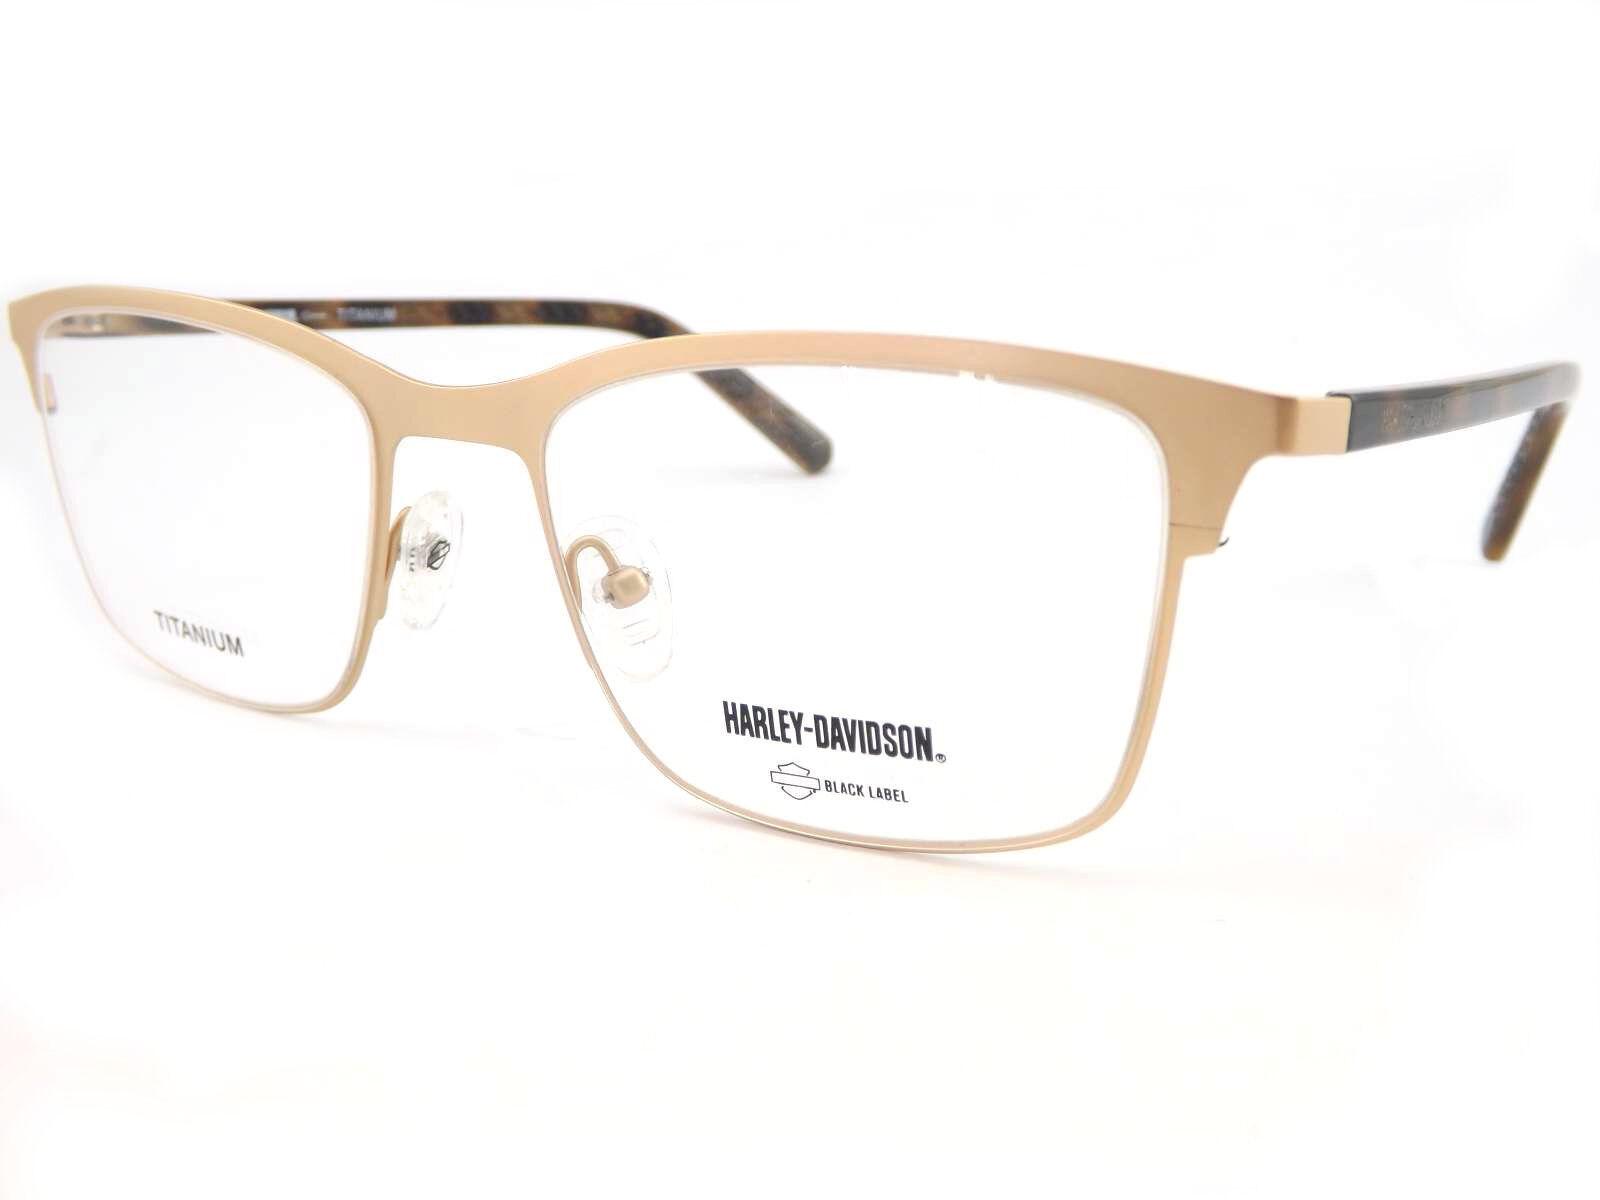 9d72f16b8b88 HARLEY DAVIDSON Rimmed Optical Glasses Spectacle RX Frames Satin ...